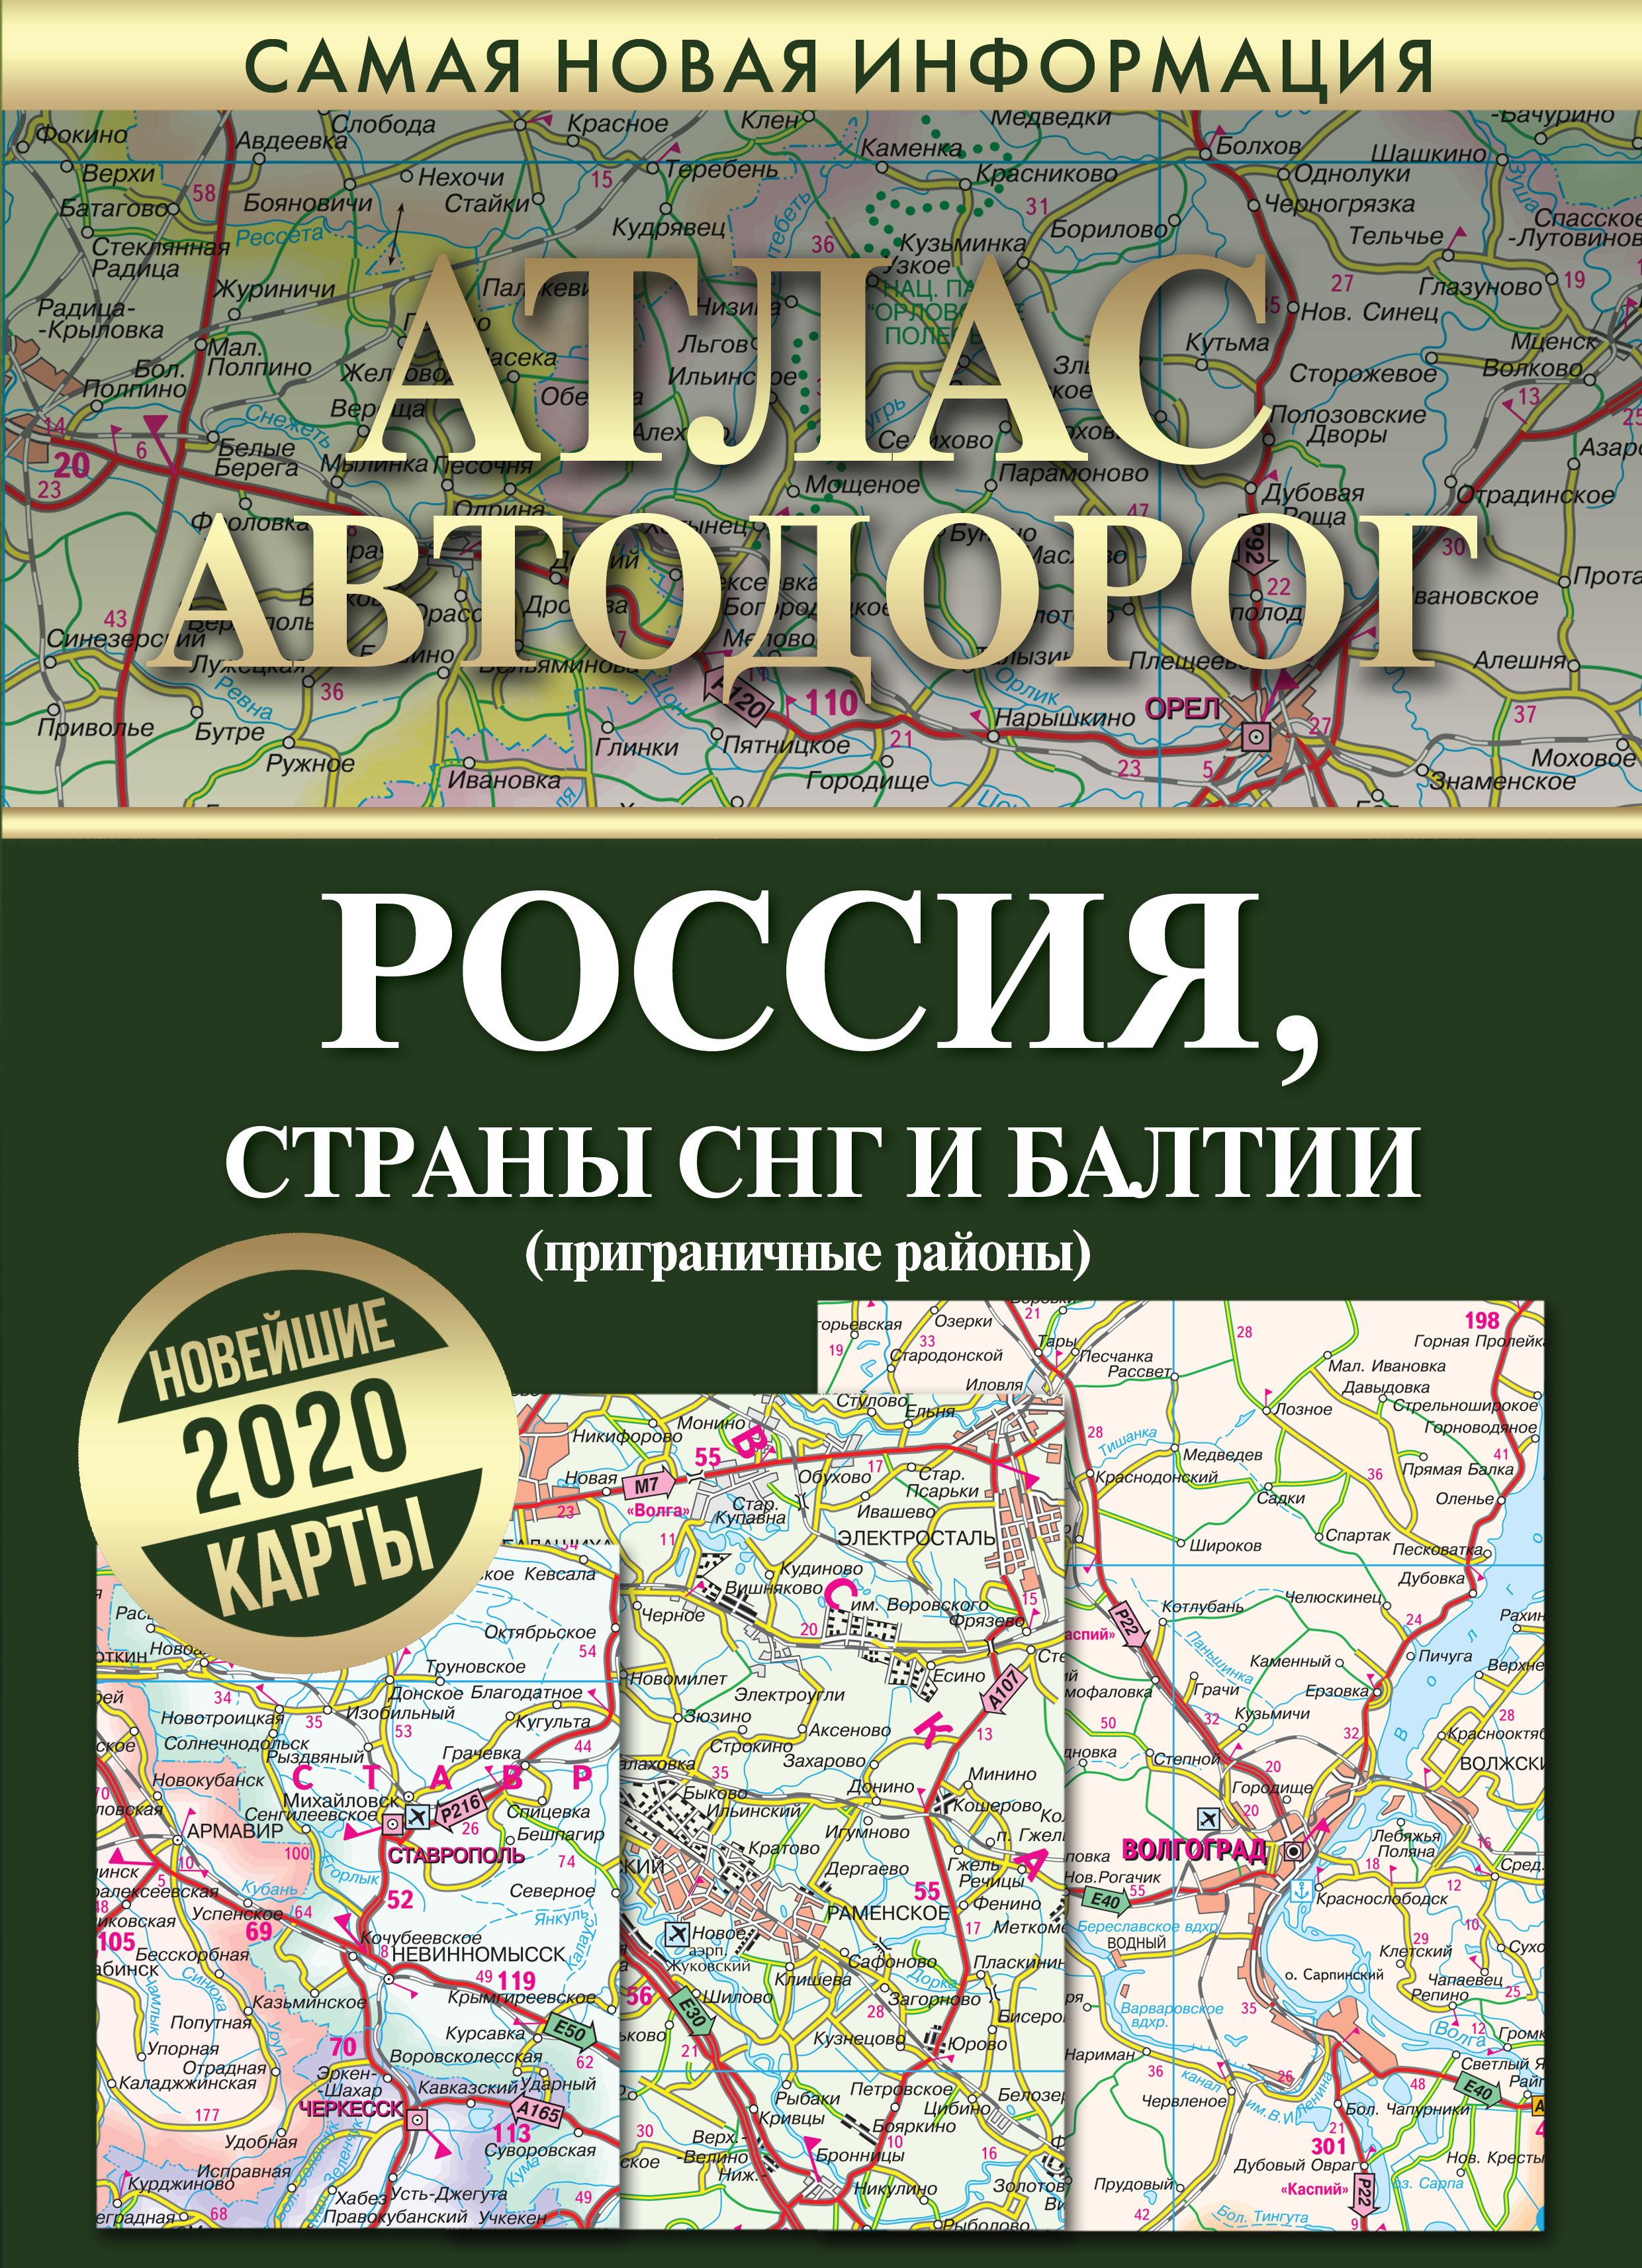 Атлас автодорог России стран СНГ и Балтии (приграничные районы) benelux 1 500 000